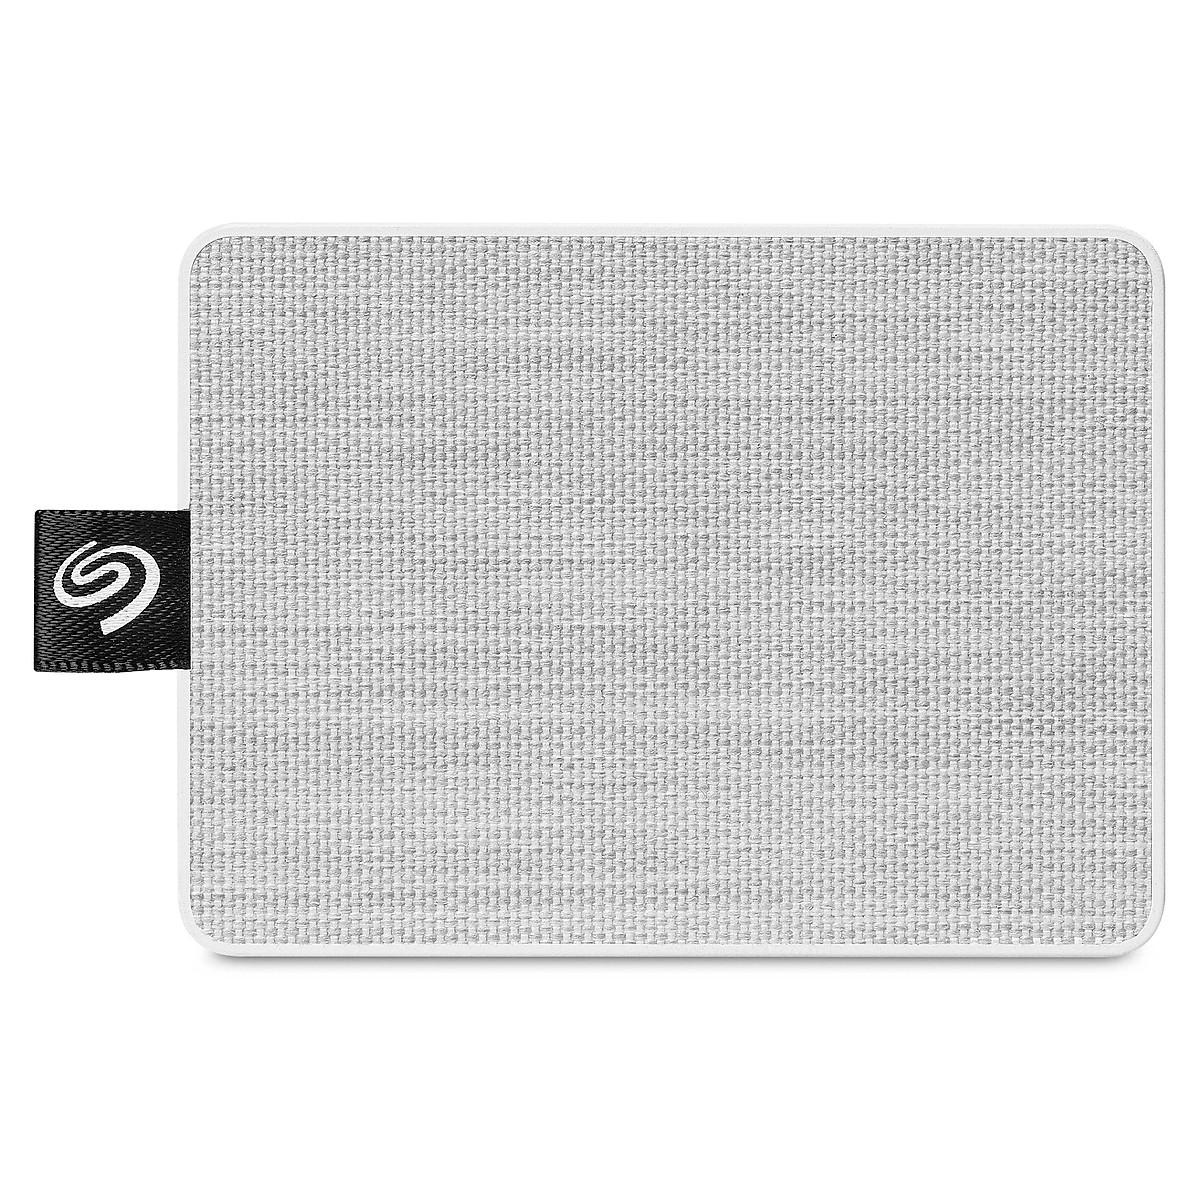 """Ổ Cứng SSD Di Động Seagate One Touch 500GB 2.5"""" USB 3.0 (STJE500400/STJE500402) – Hàng Chính Hãng"""